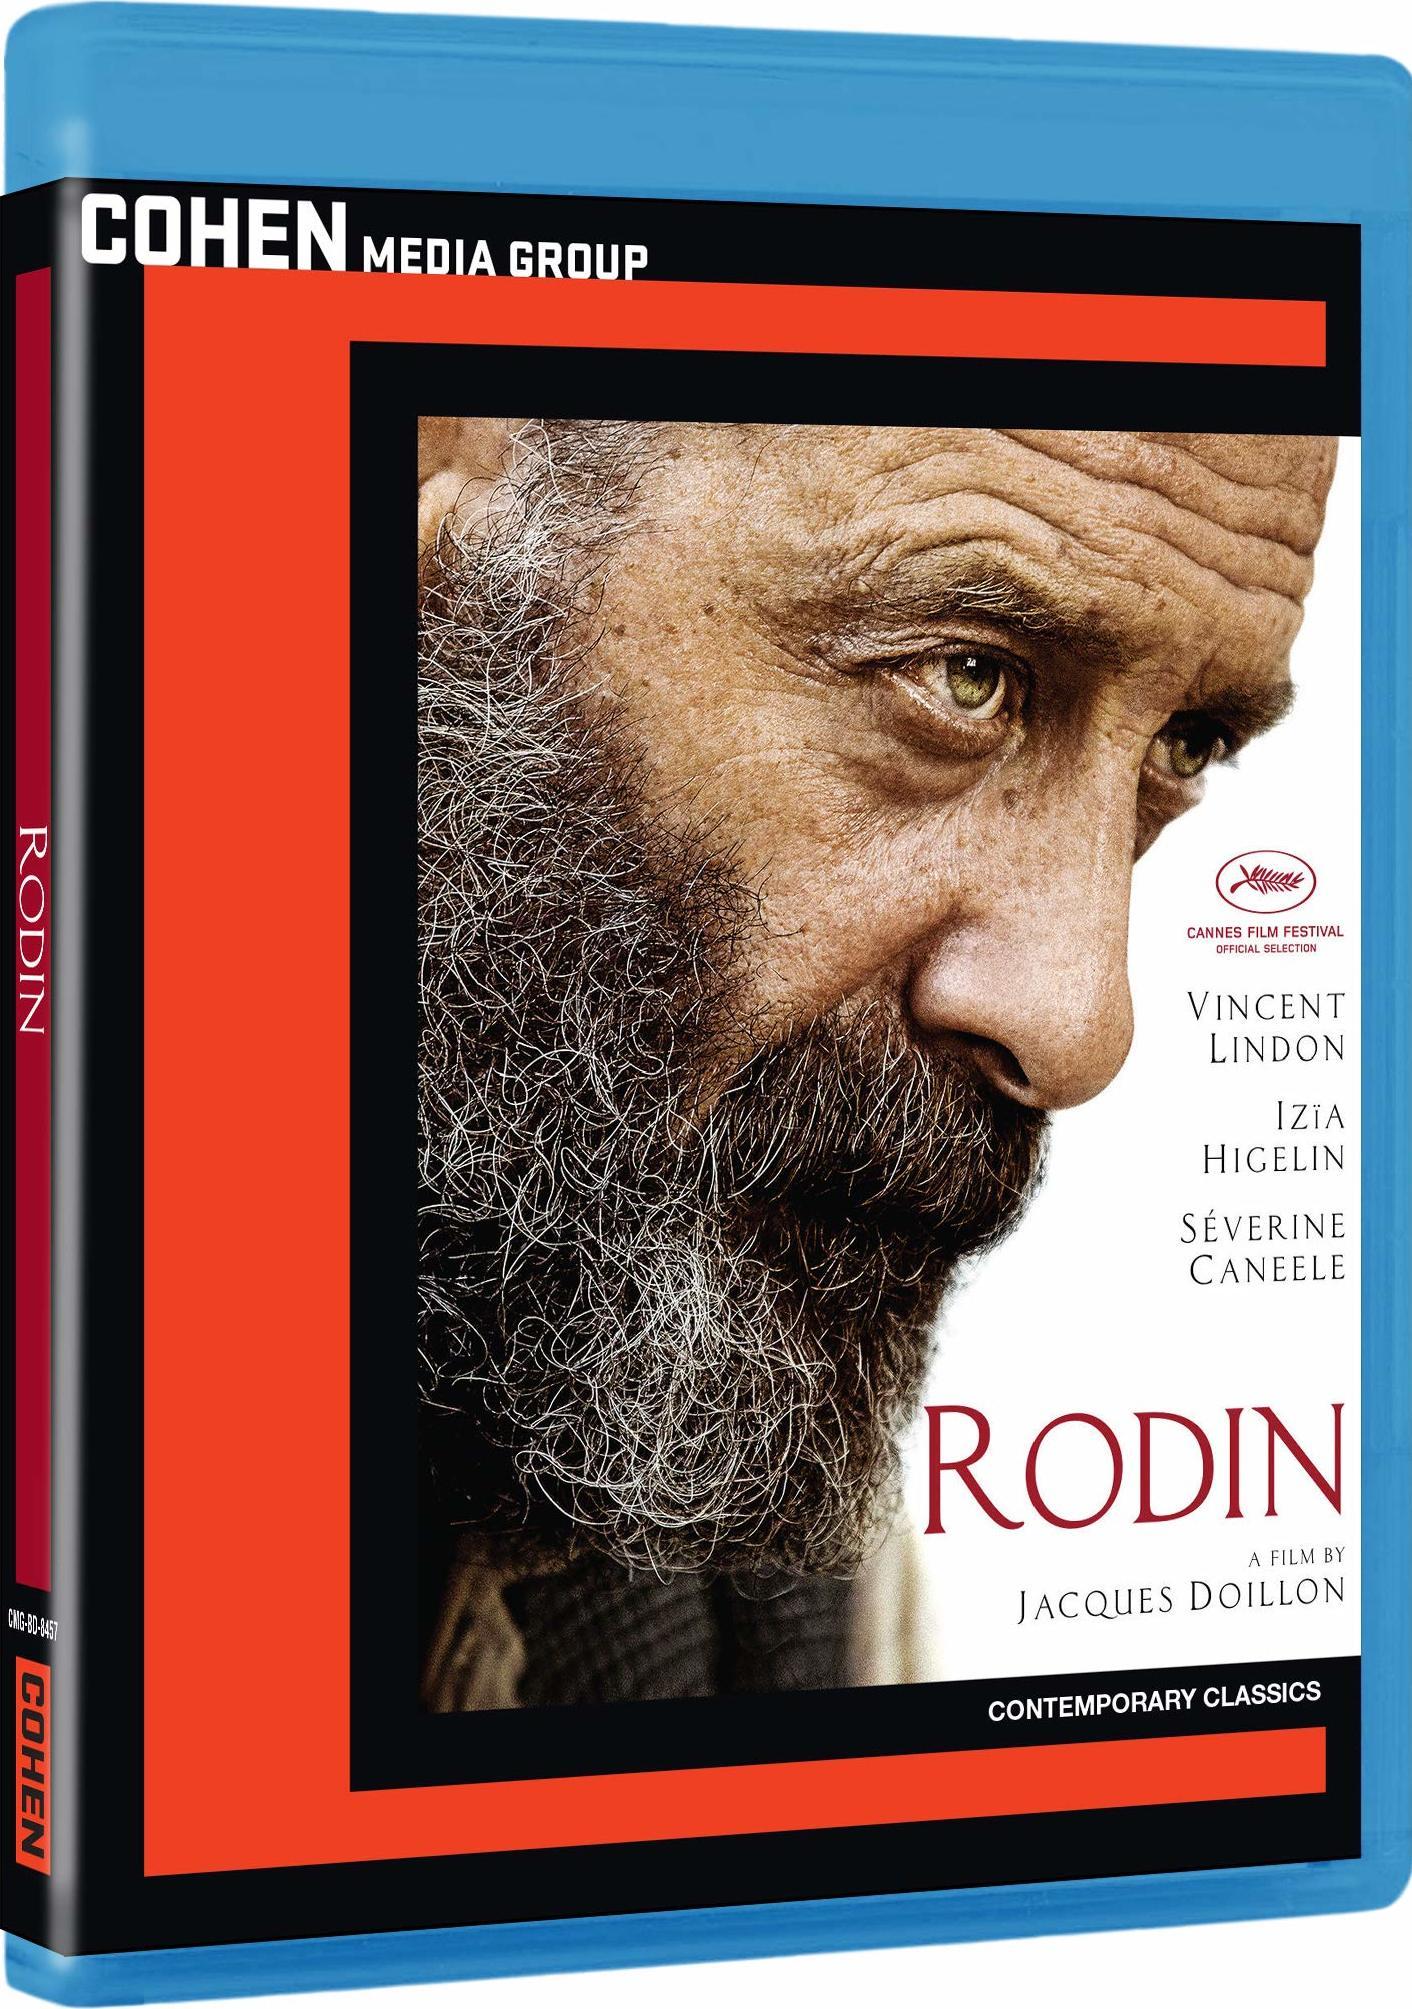 Rodin (Blu-ray)(Region A)